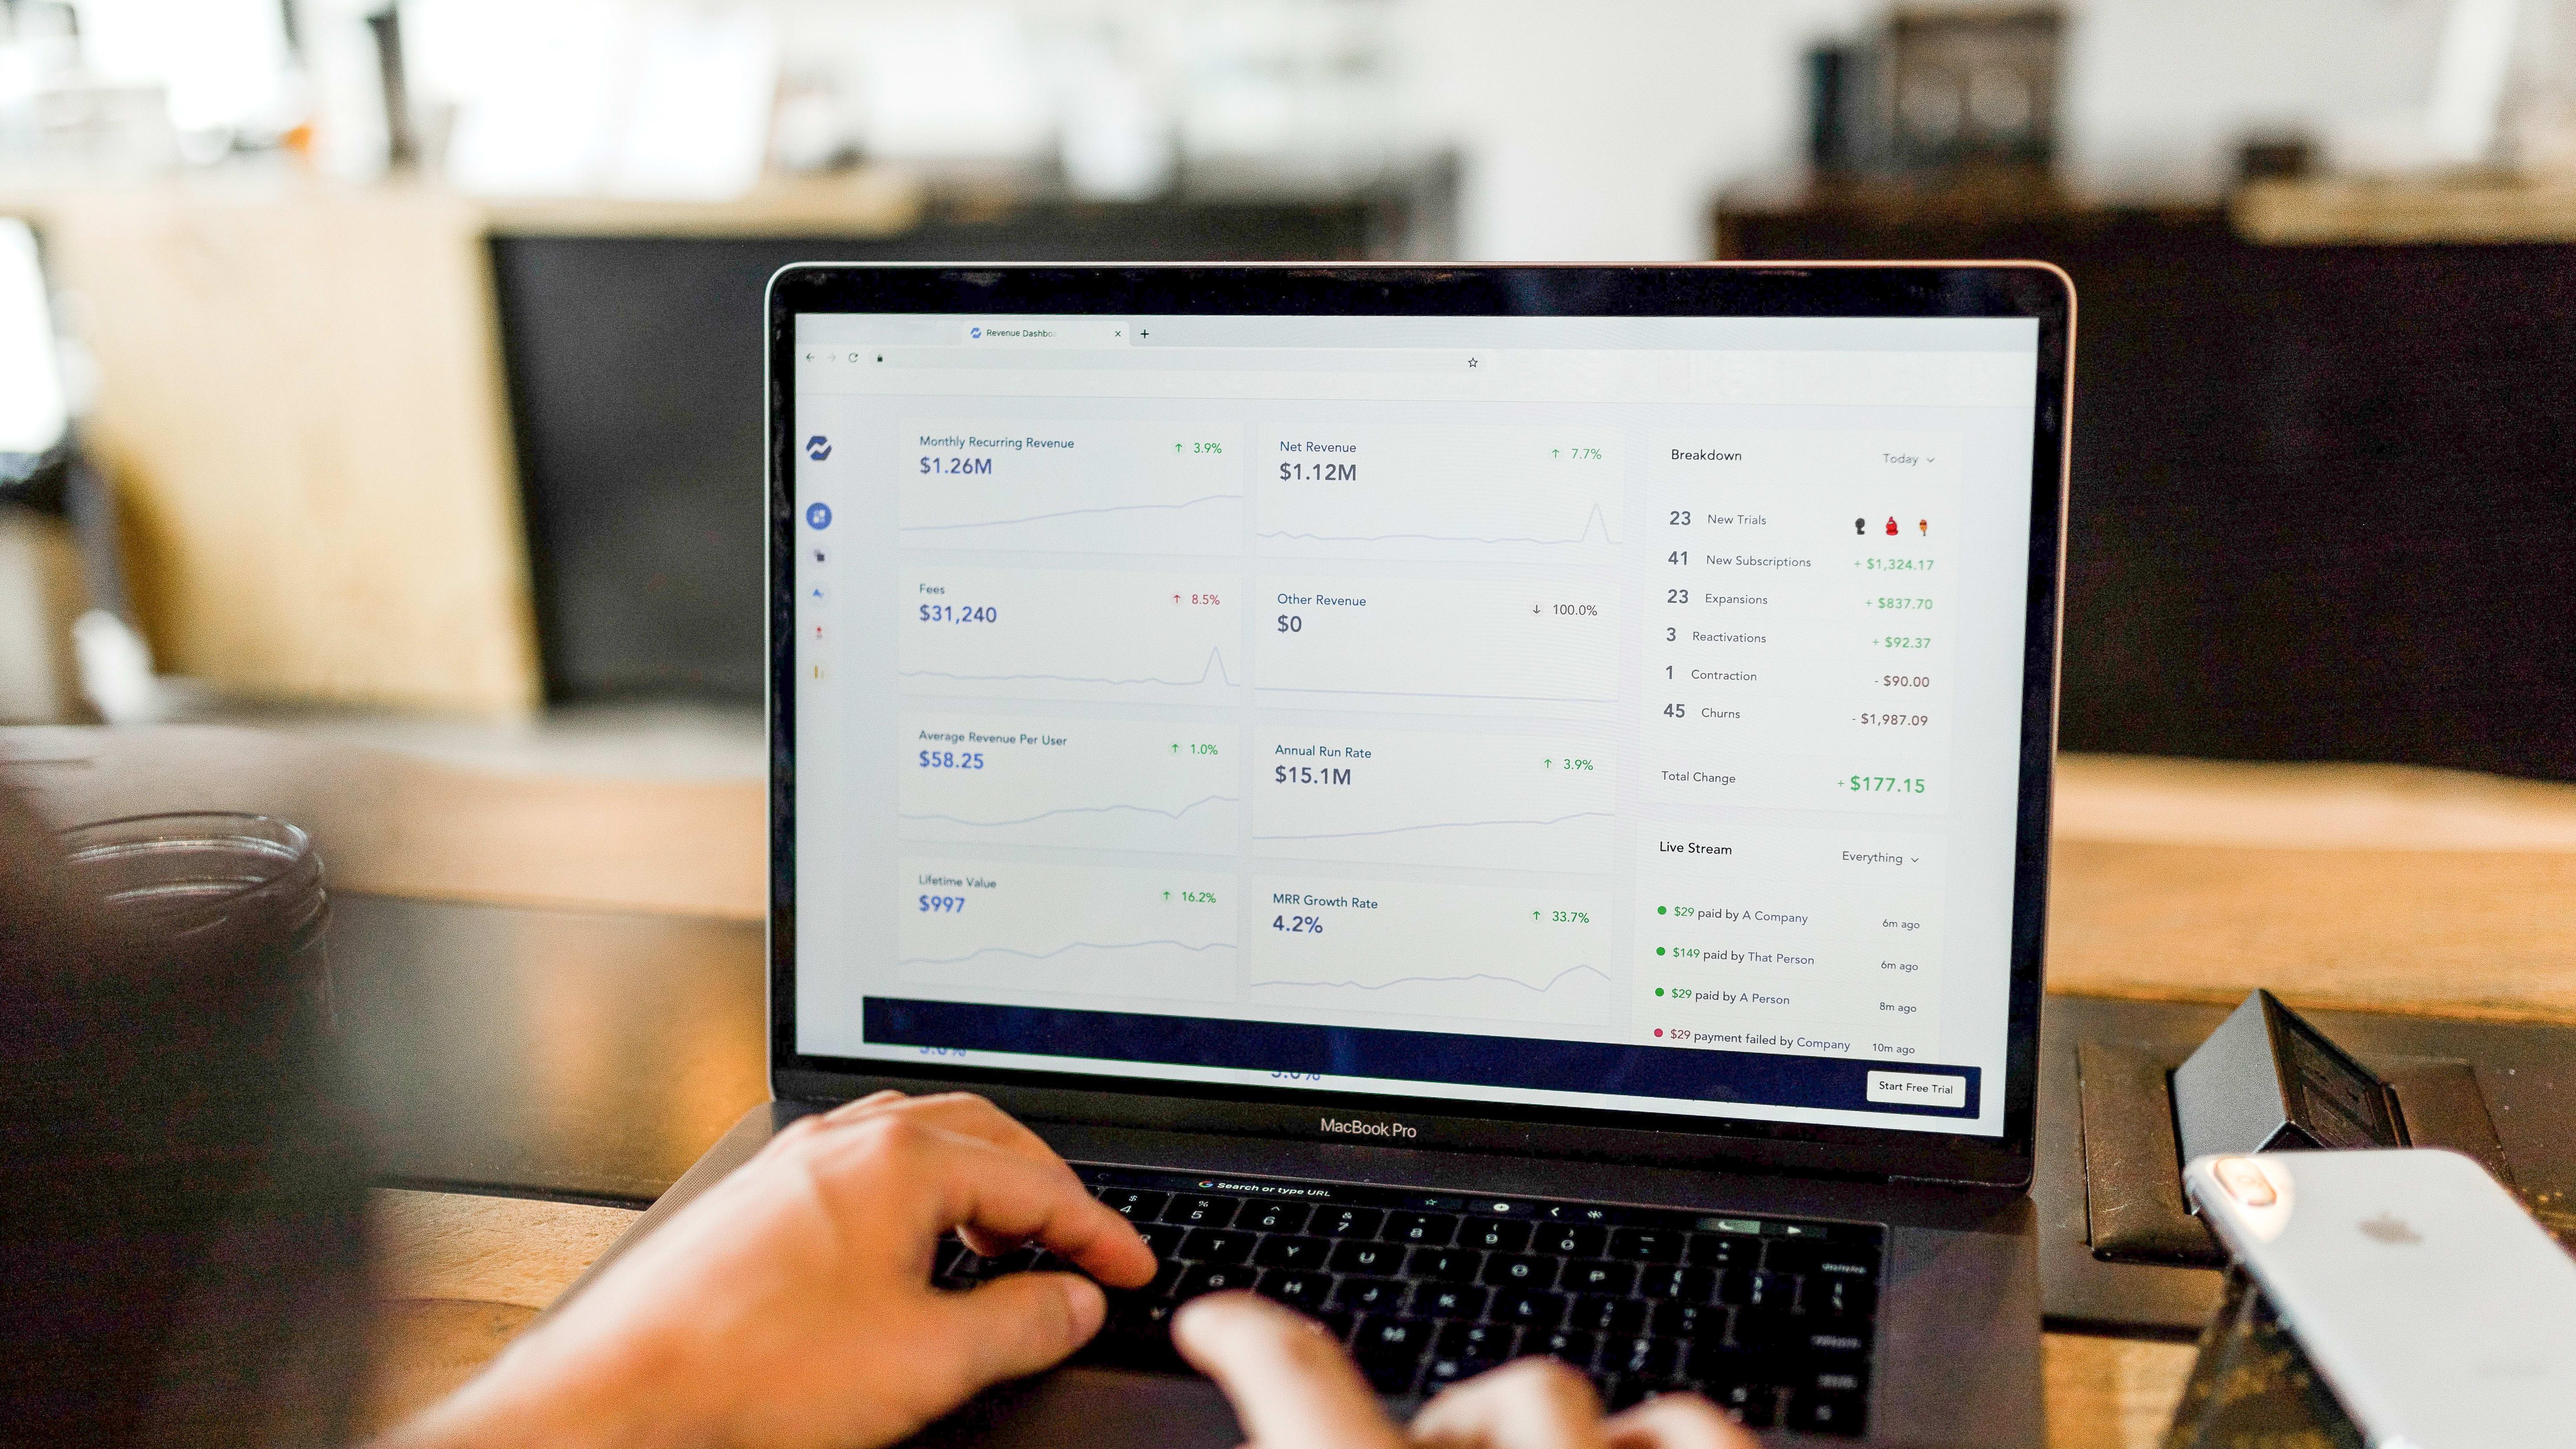 Comparatif des banques en ligne: quelle est la meilleure banque?